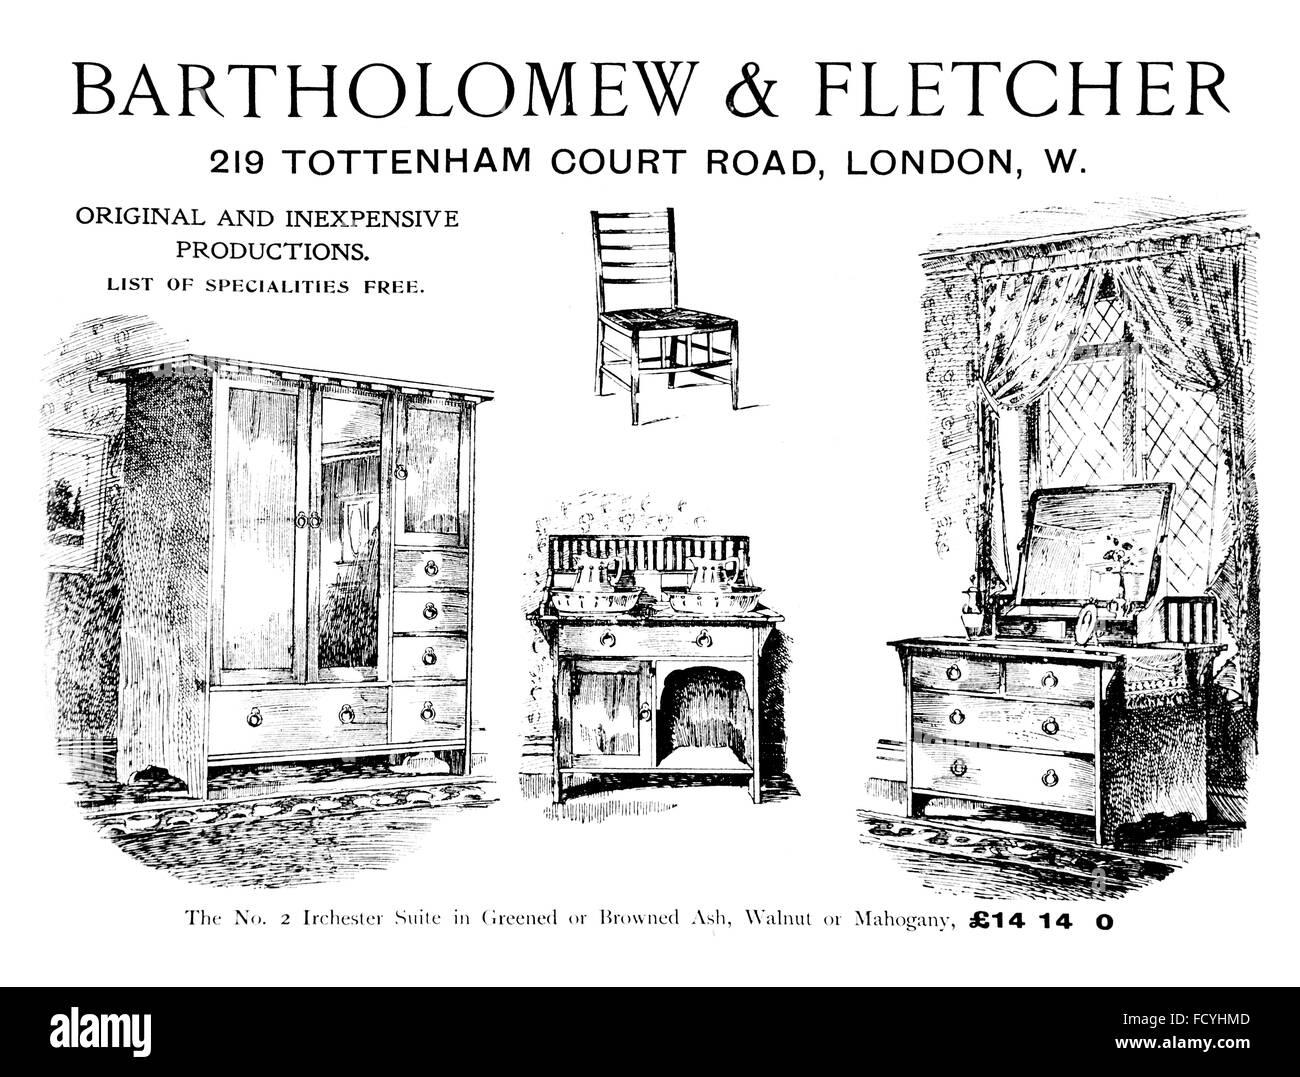 Bartholomew & Fletcher, London, Bedroom Suite furniture ...